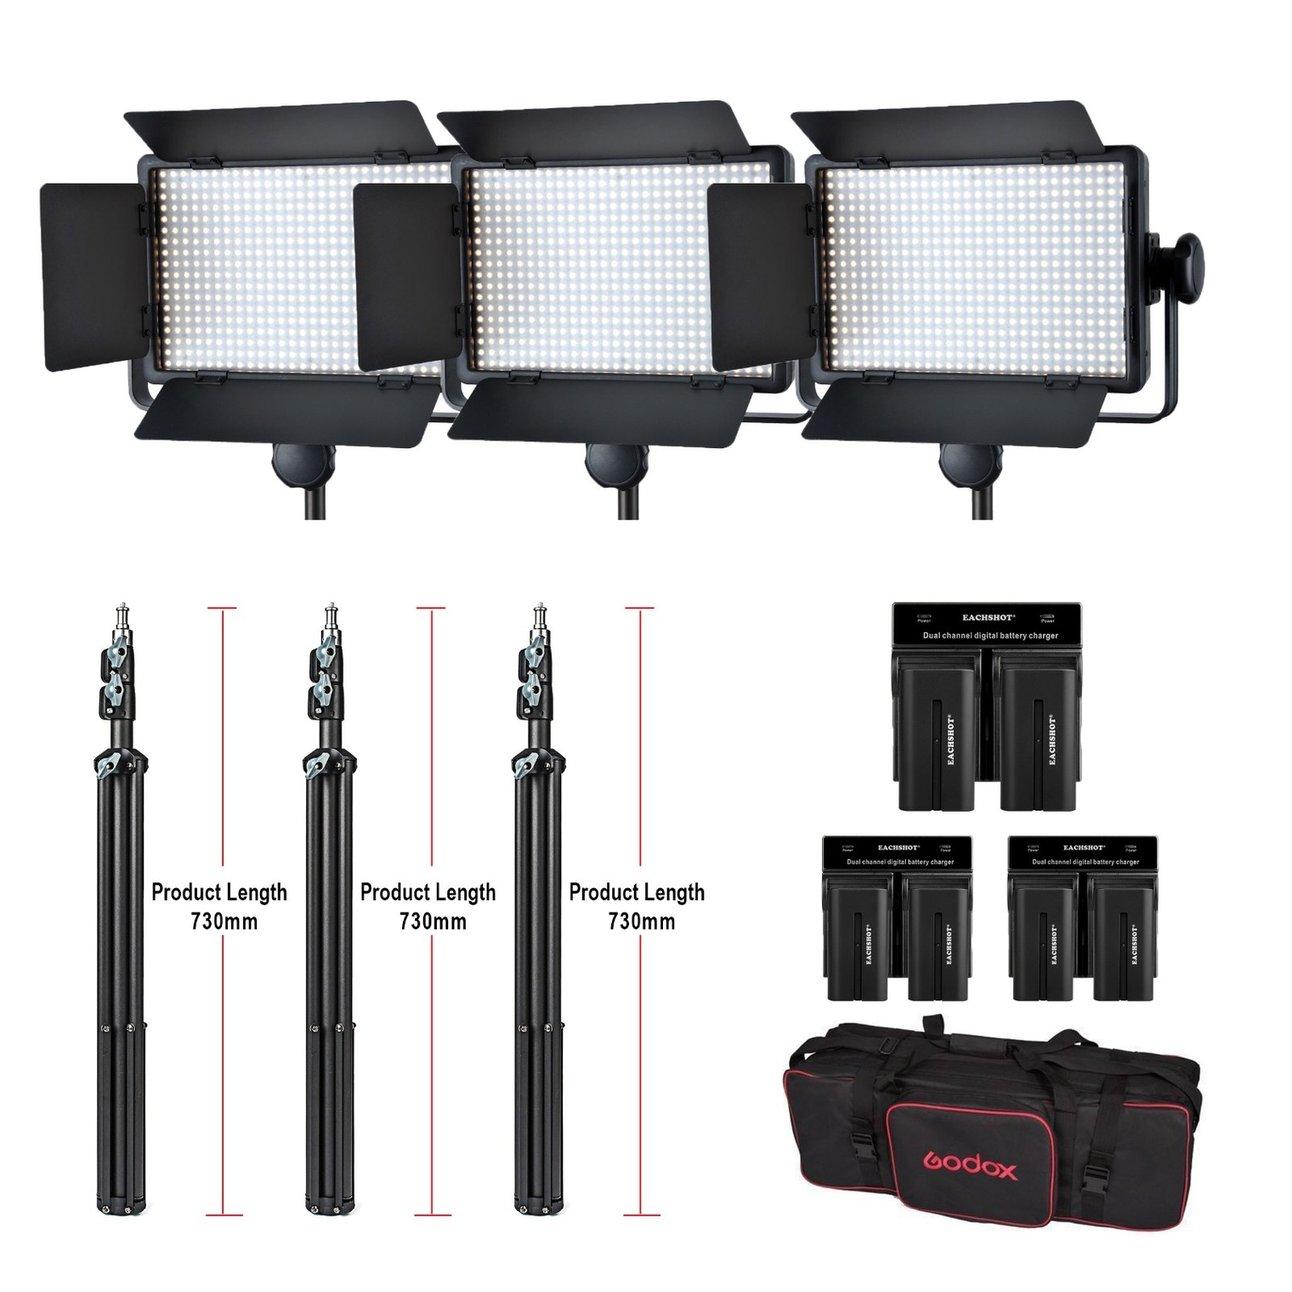 Godox 3x LED500W zestaw 5600K 8700LUX LED Video ciągłe światło panel lampy + stojak + bateria + ładowarka W/torba do przenoszenia